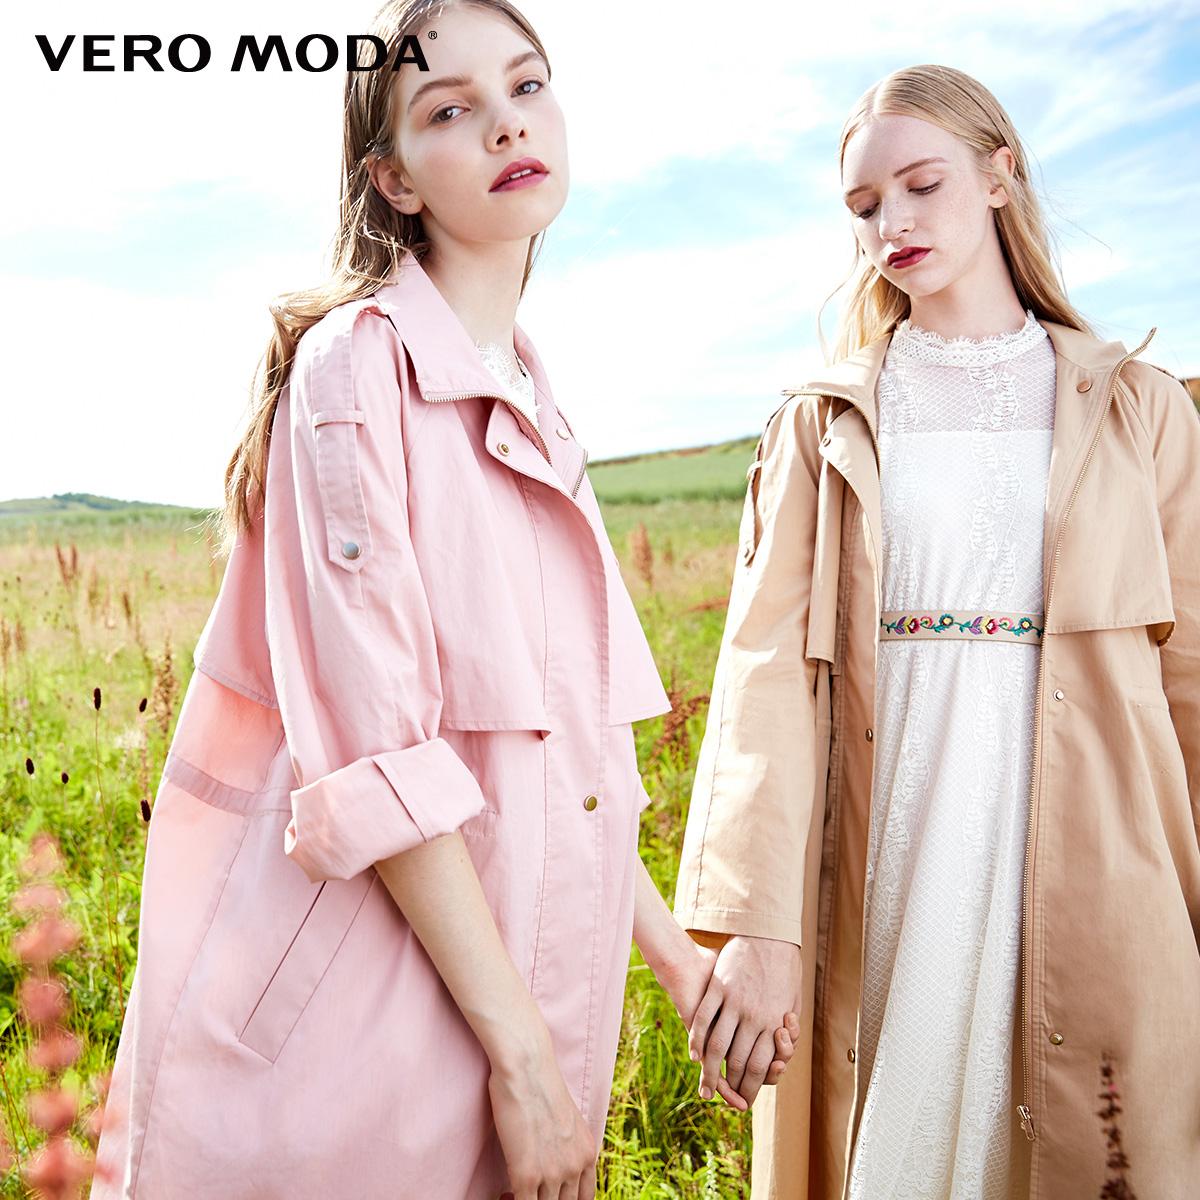 Vero Moda2017秋季新款翻领肩章抽绳中长款风衣外套|317321534